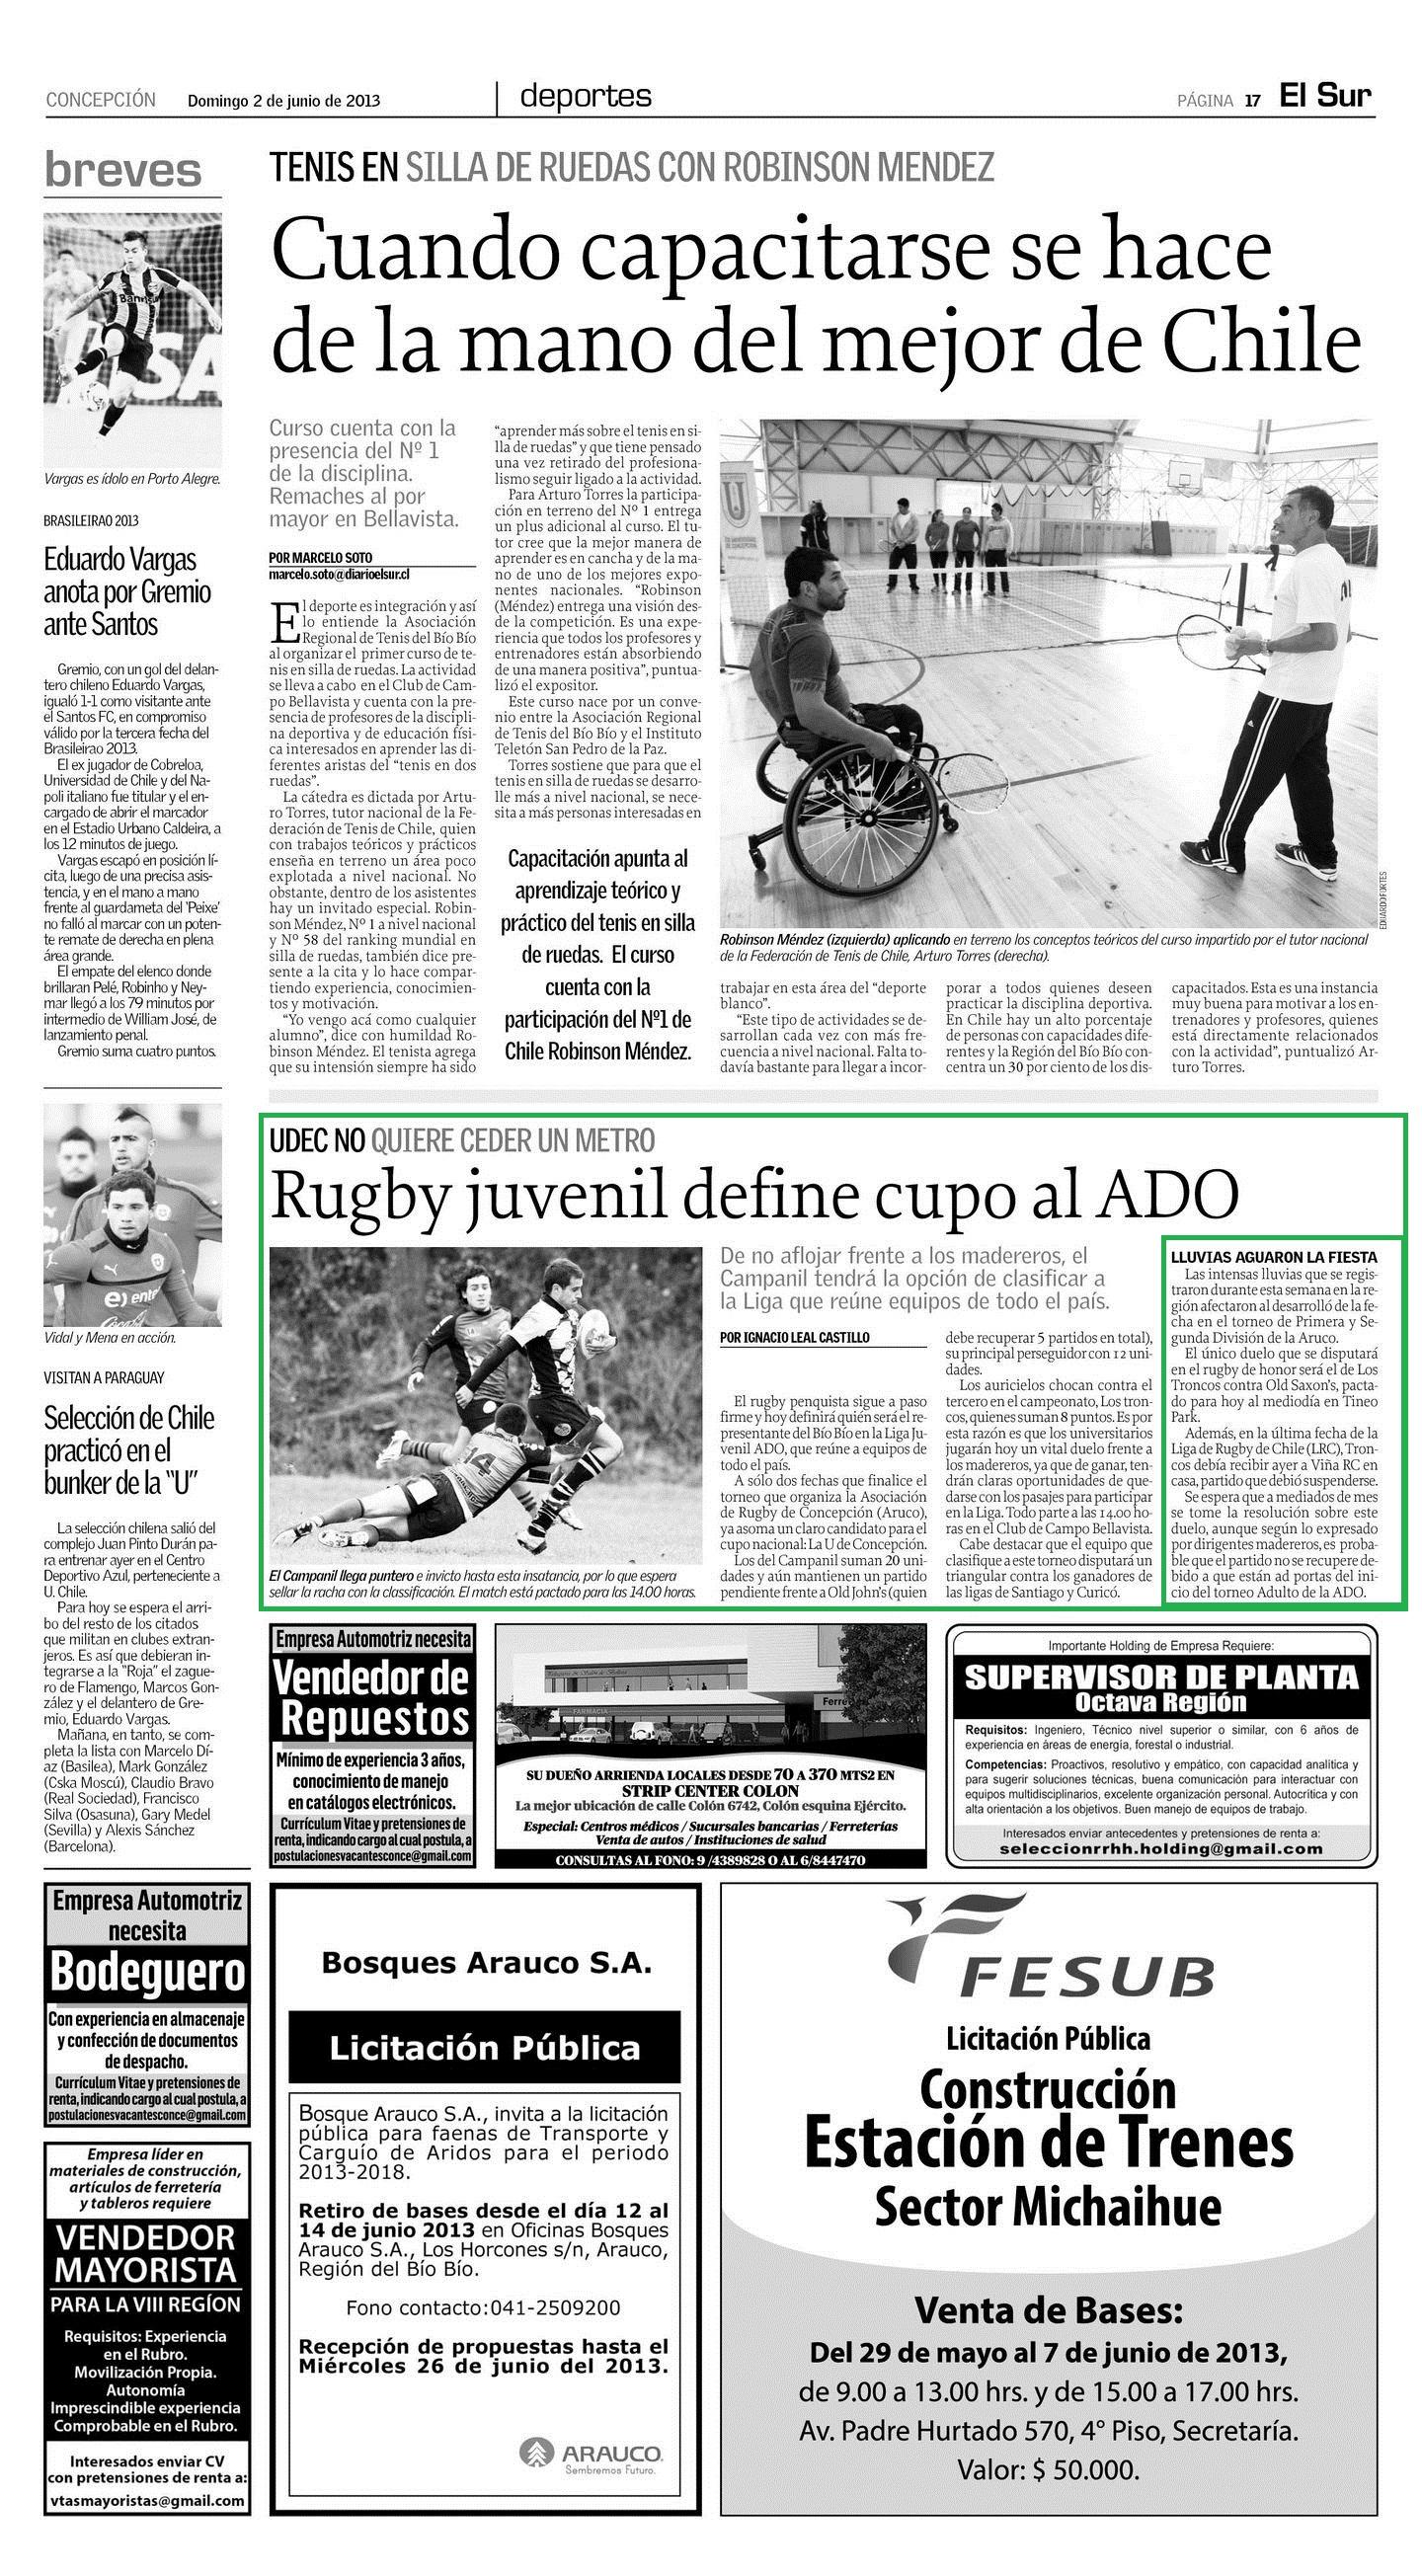 02-06-13 Diario El Sur, de Concepción_pag_17b-1440